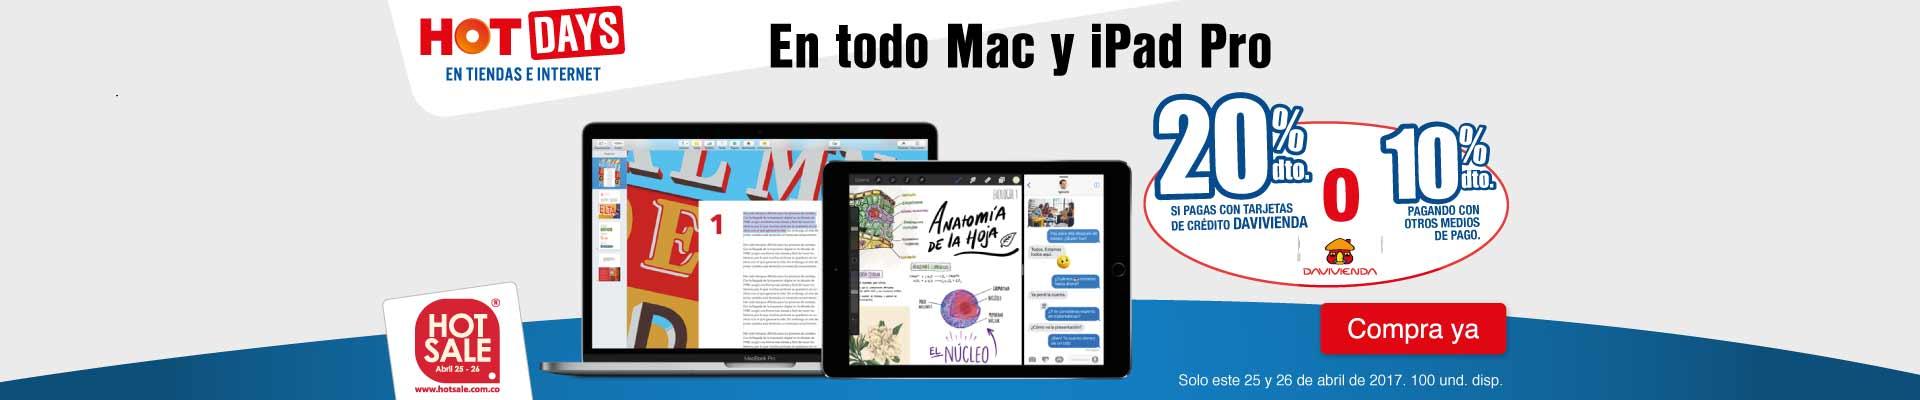 PPAL KT INF - 20% Dto. en todo Mac y iPad Pro - Abr 25 - Hot days